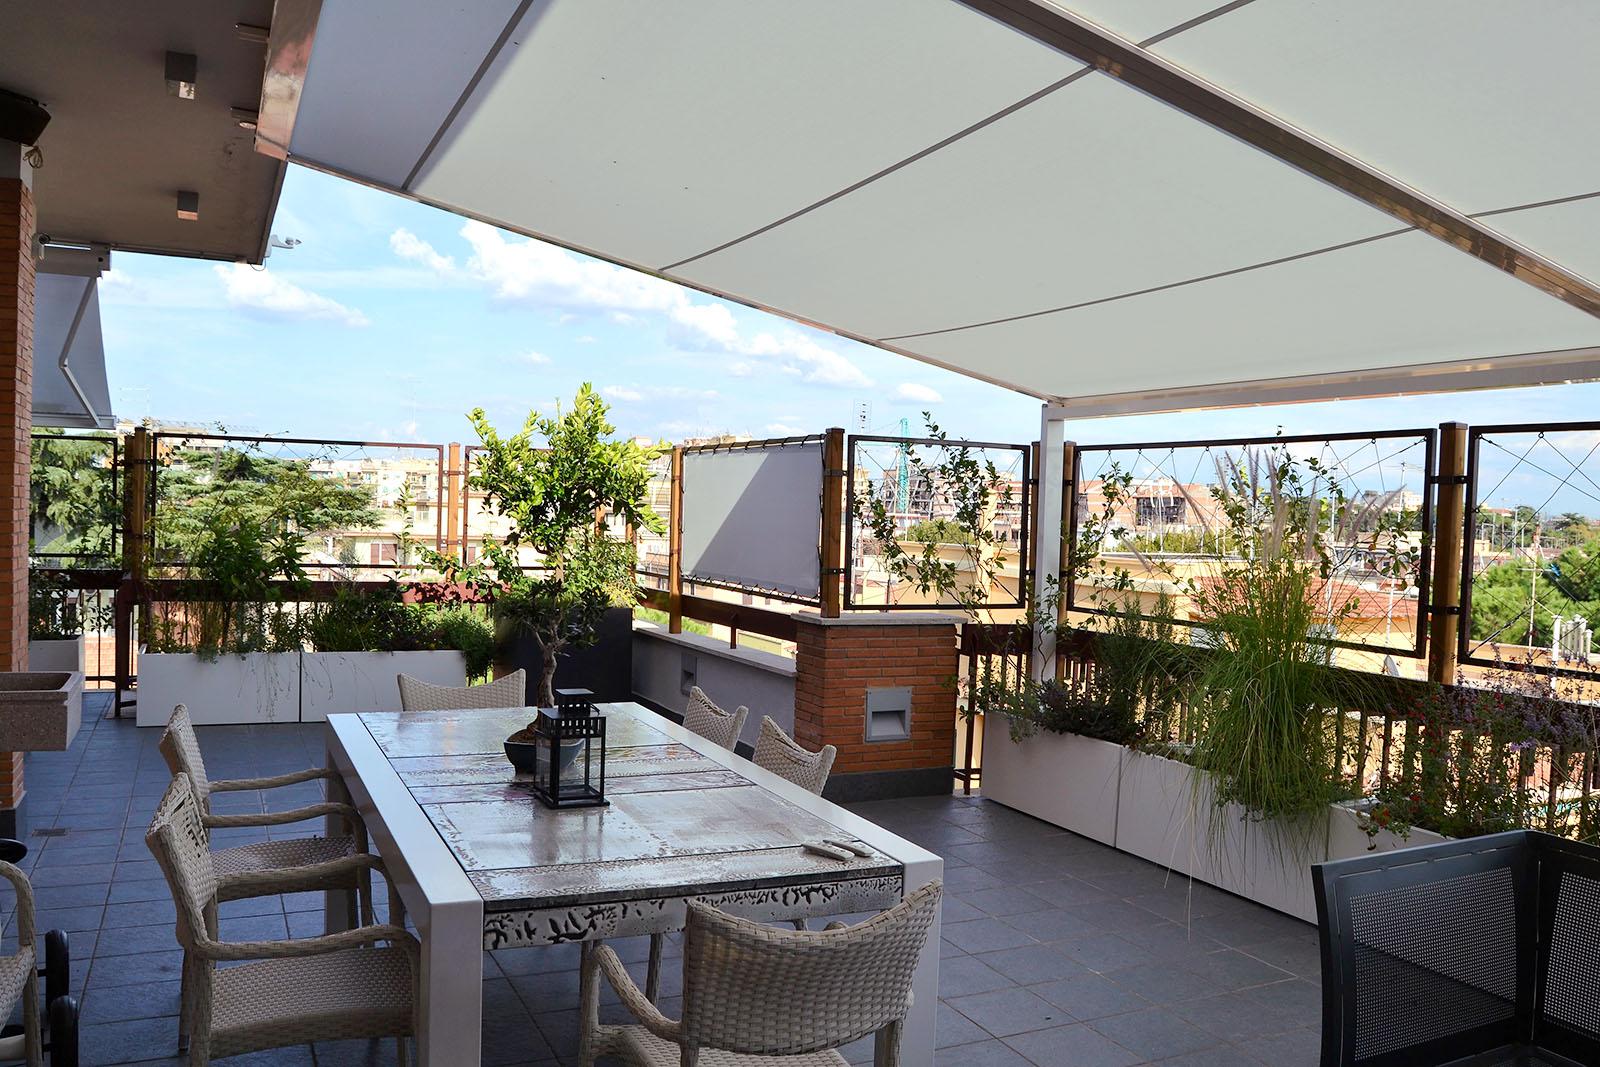 Architettura e arredamento d 39 esterni openspaceroma - Terrazzi di design ...